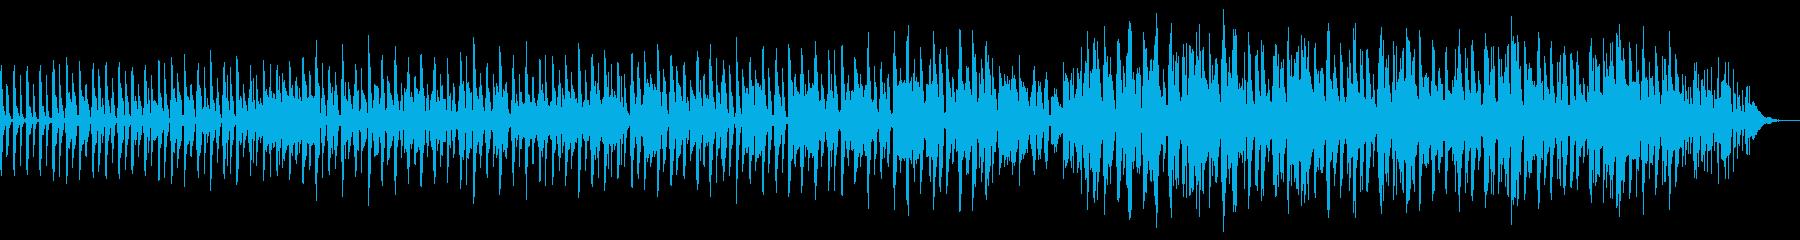 ファンク風エレクトリックベースチューンの再生済みの波形